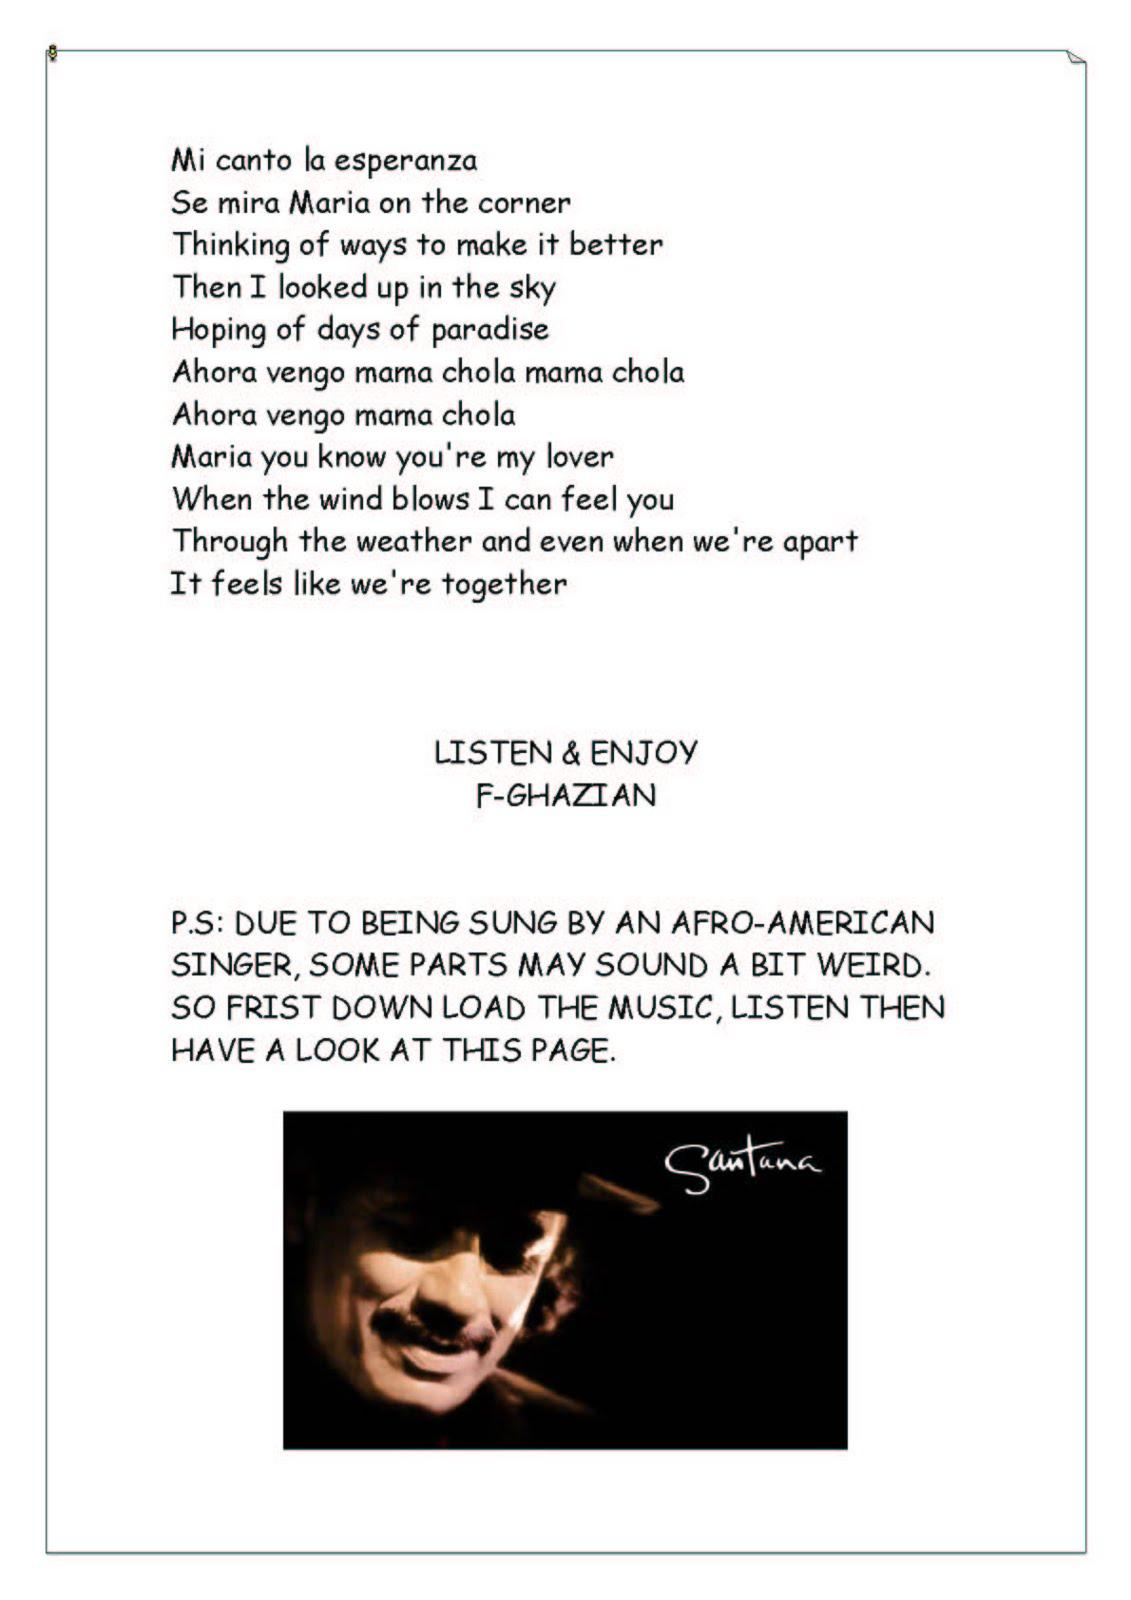 Carlos Santana Lyrics